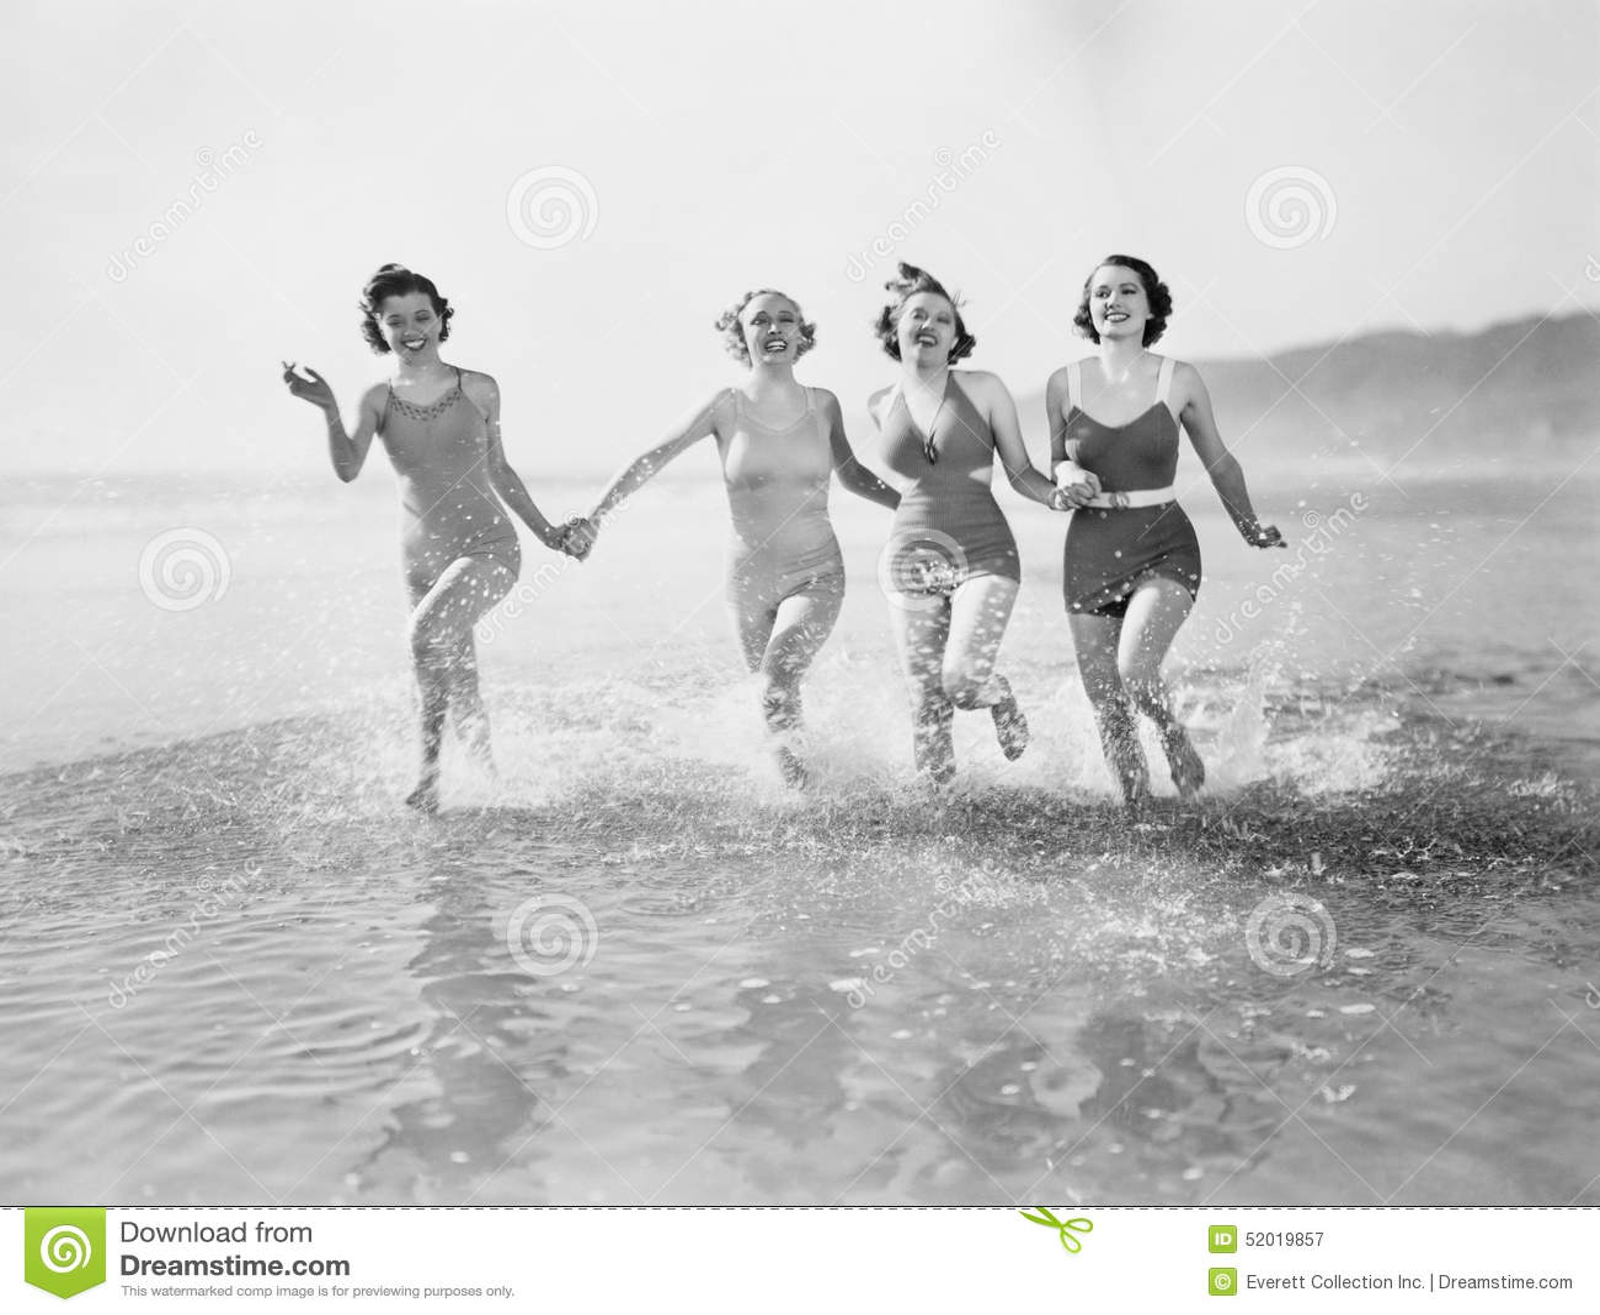 Cztery kobiety biega w wodzie na plaży (Wszystkie persons przedstawiający no są długiego utrzymania i żadny nieruchomość istnieje